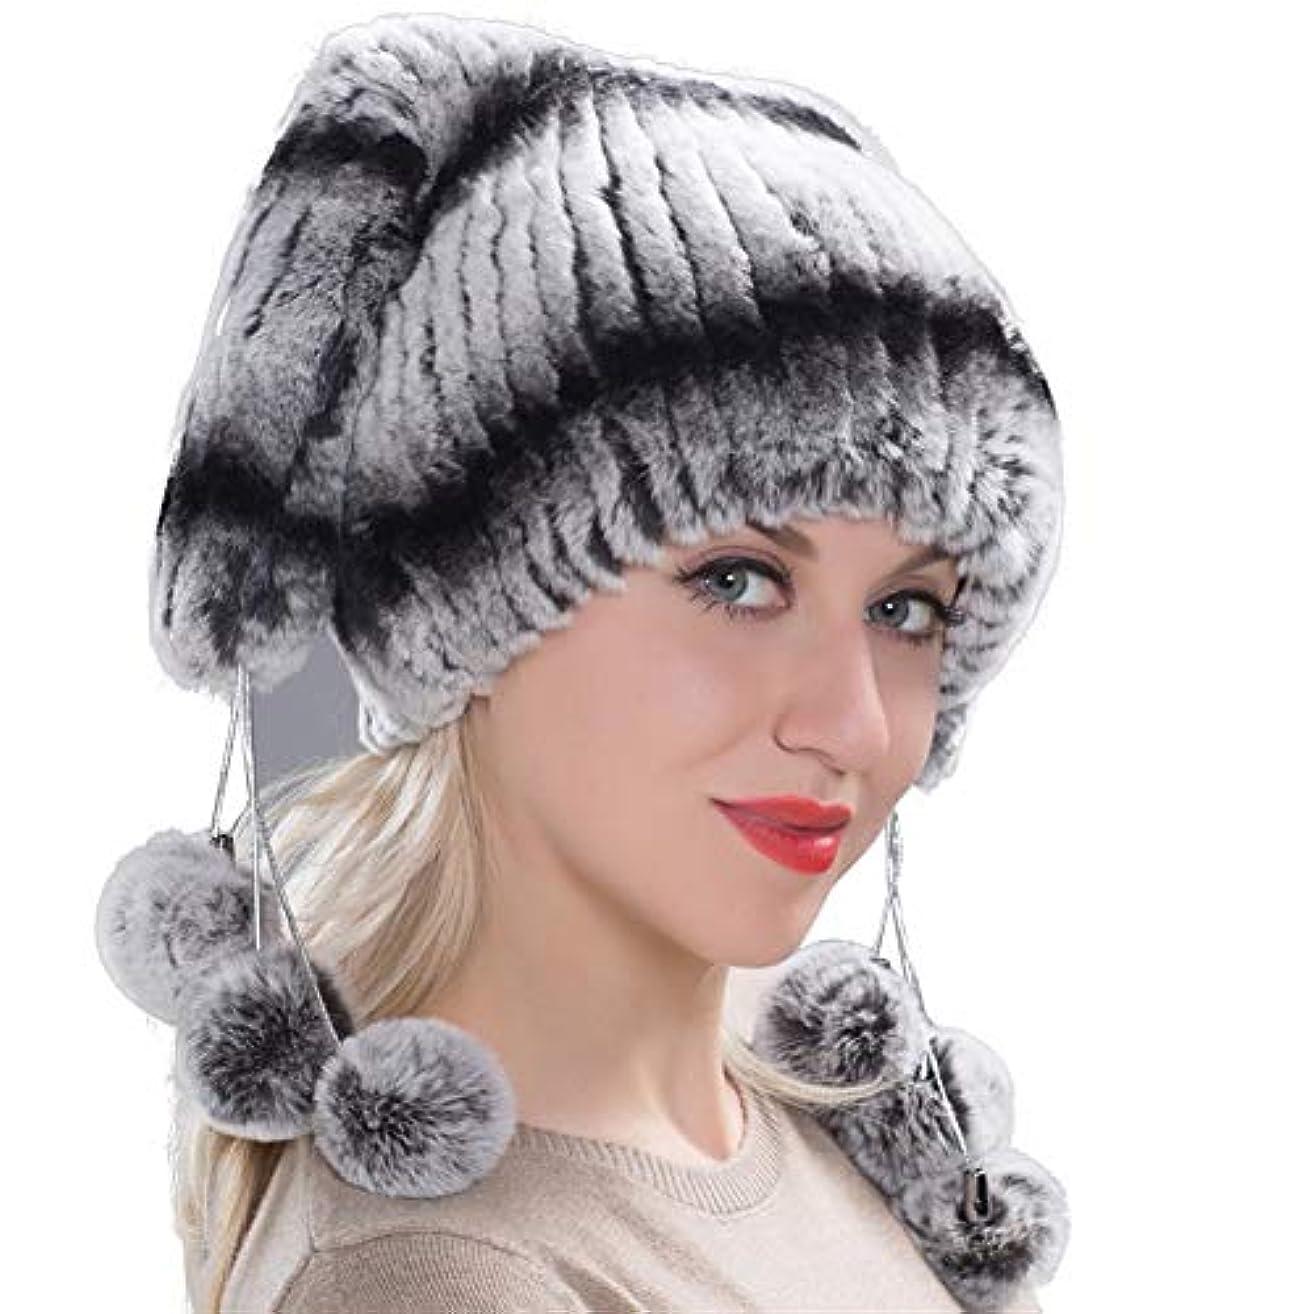 古くなったモールス信号ペーストACAO さんレックスウールの冬厚く暖かい帽子ニット毛皮さんレックスウールニット帽耳包頭 (色 : Cyan blue, Size : L)